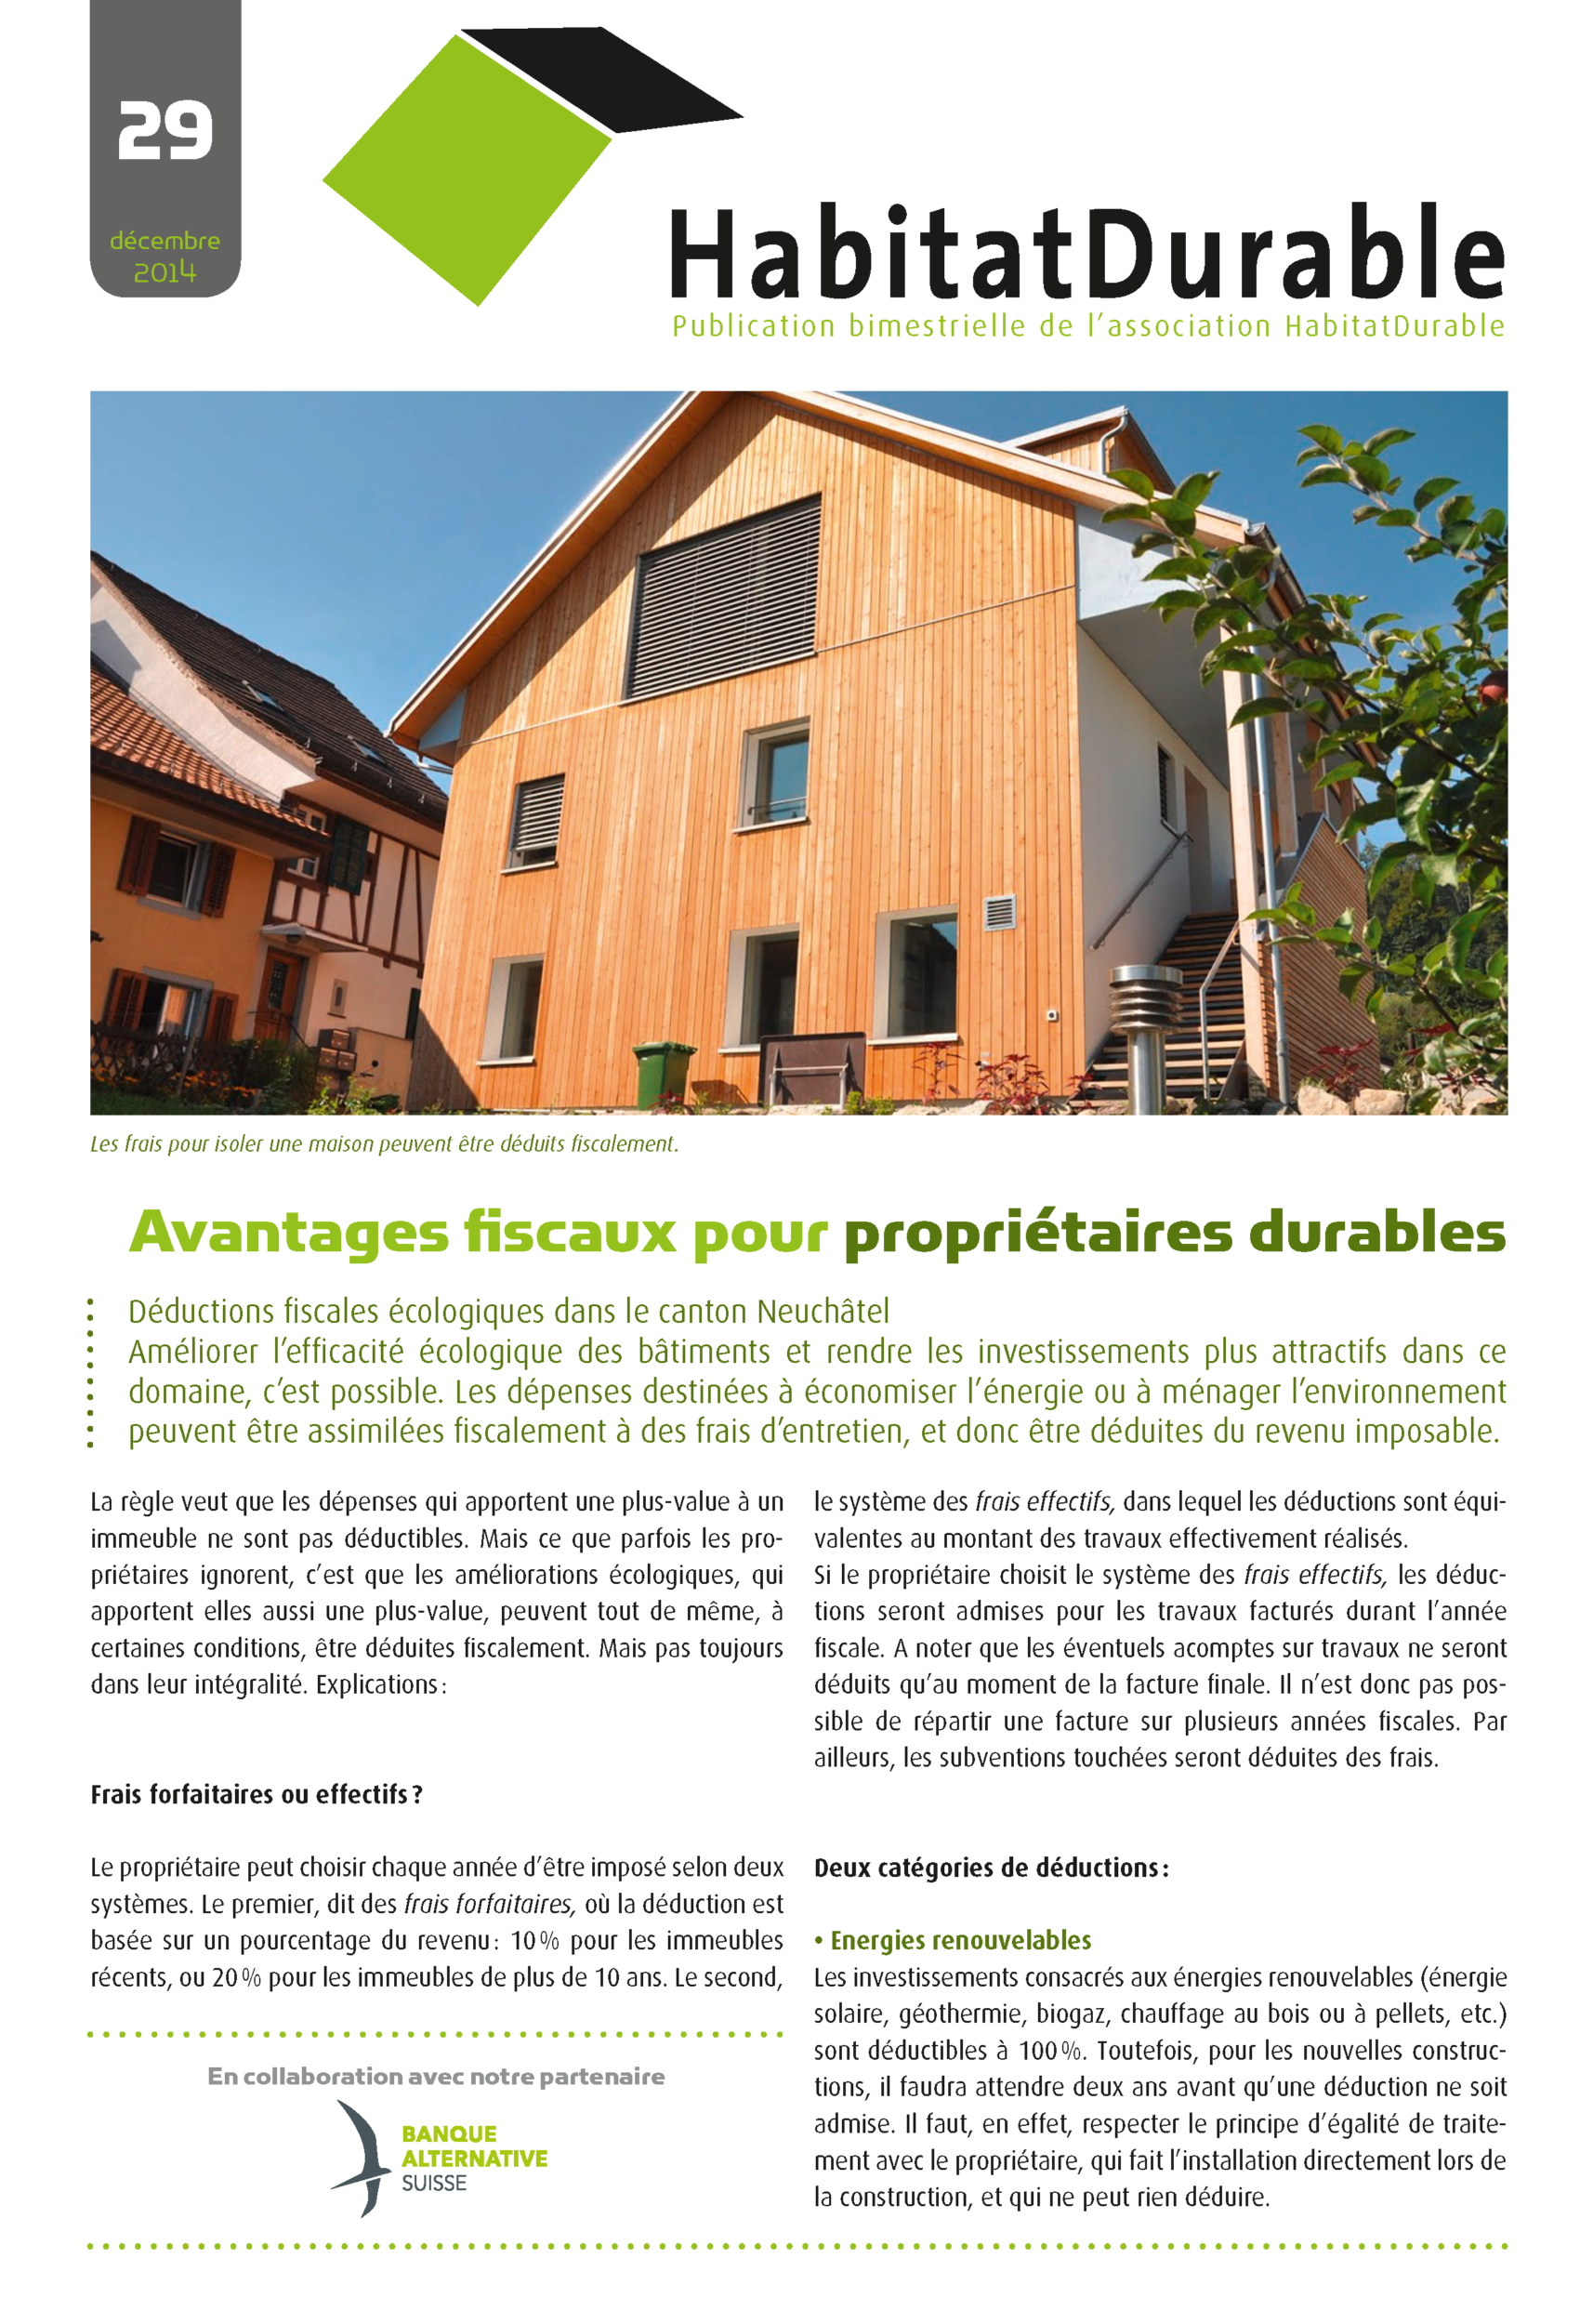 HabitatDurable 29 | décembre 2014